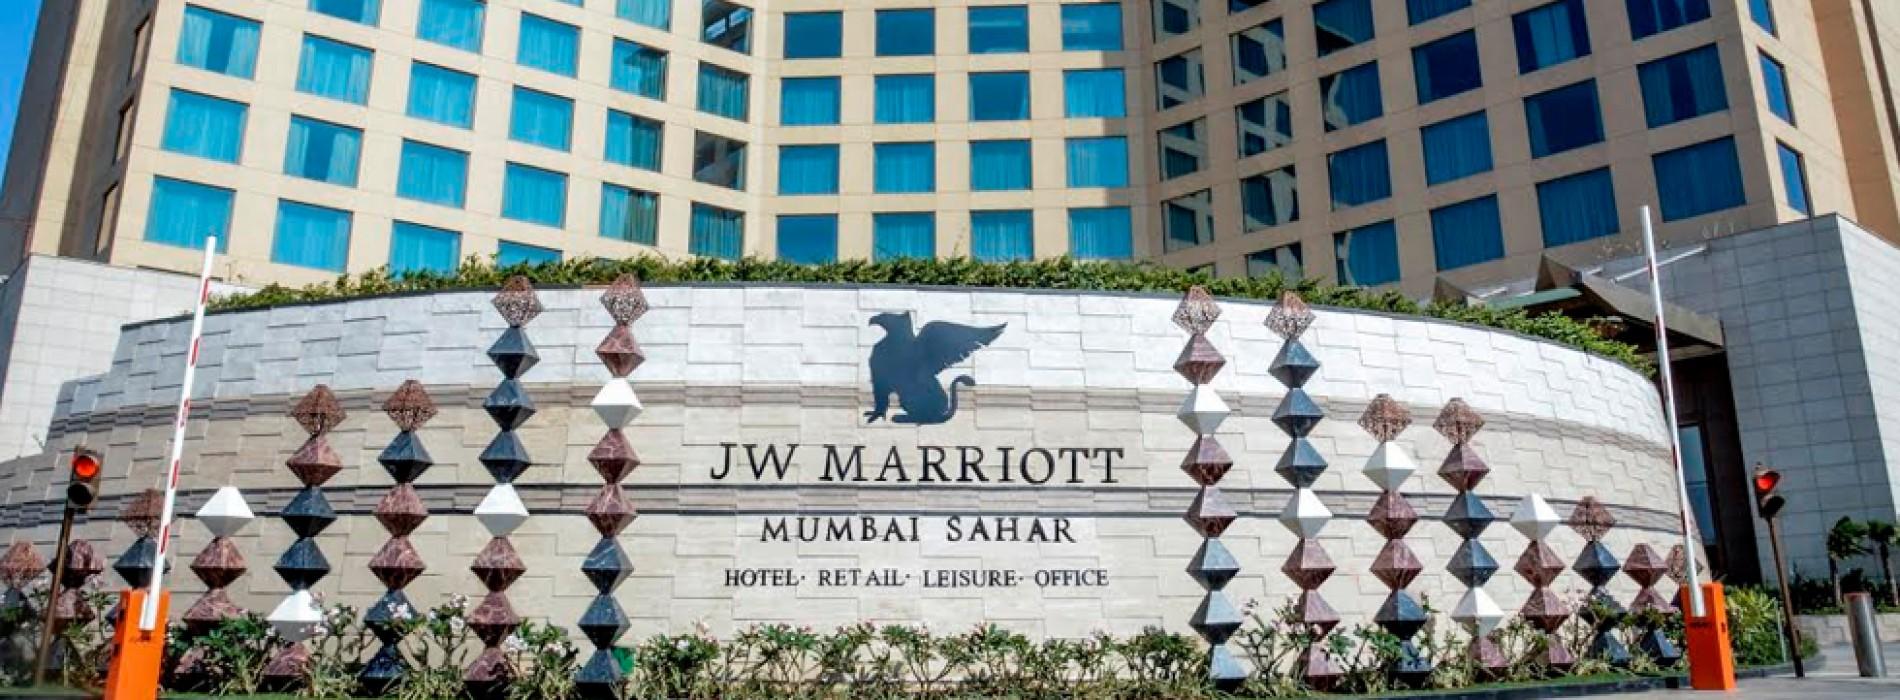 JW Marriott Mumbai Sahar bags several esteemed awards